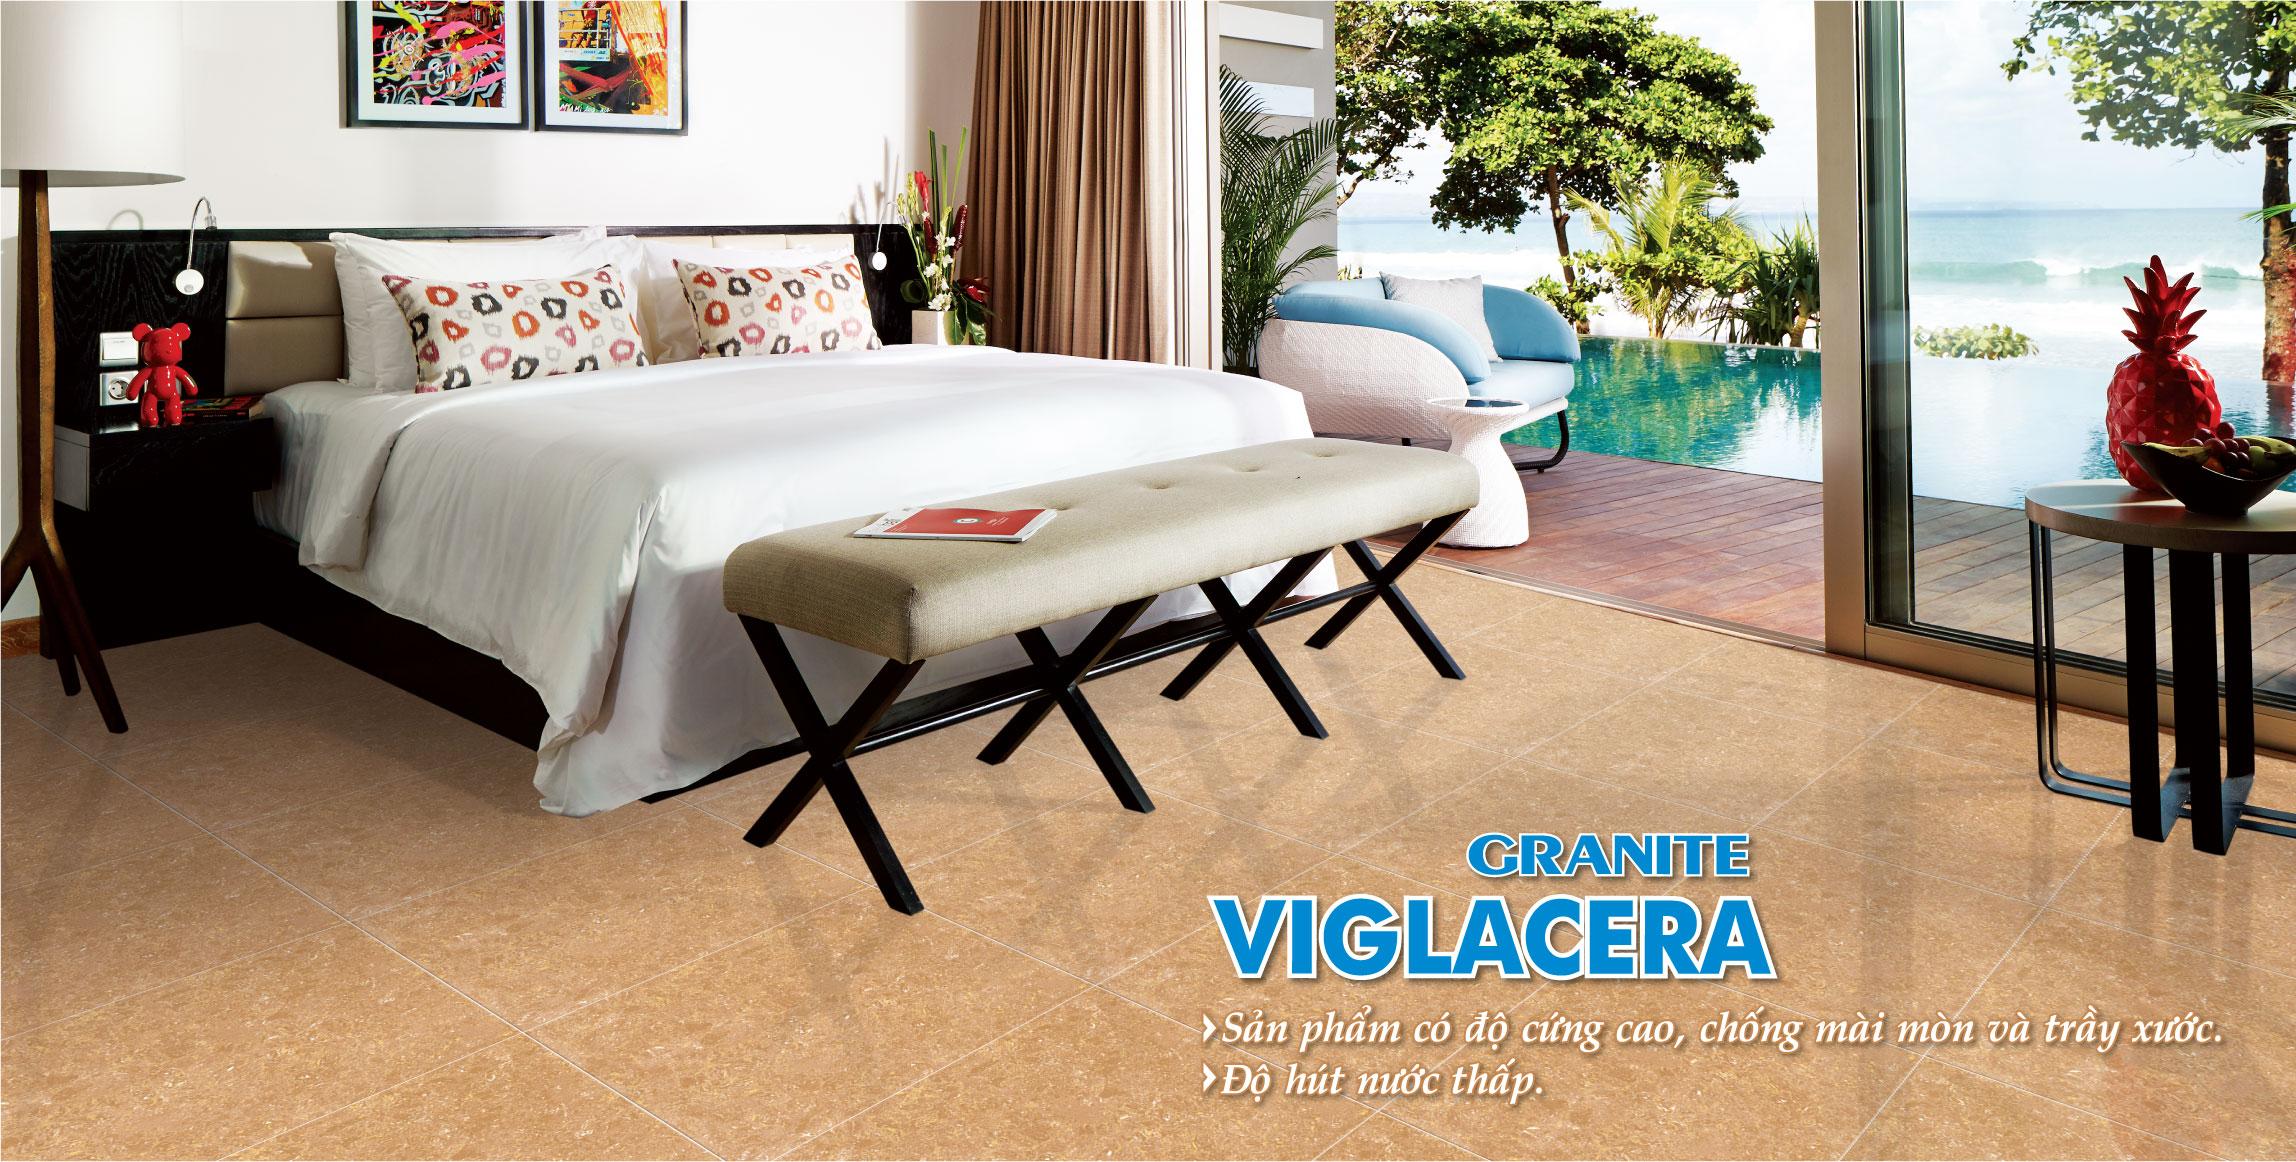 Những mẫu gạch lát viglacera hà nội được yêu thích nhất hiện nay